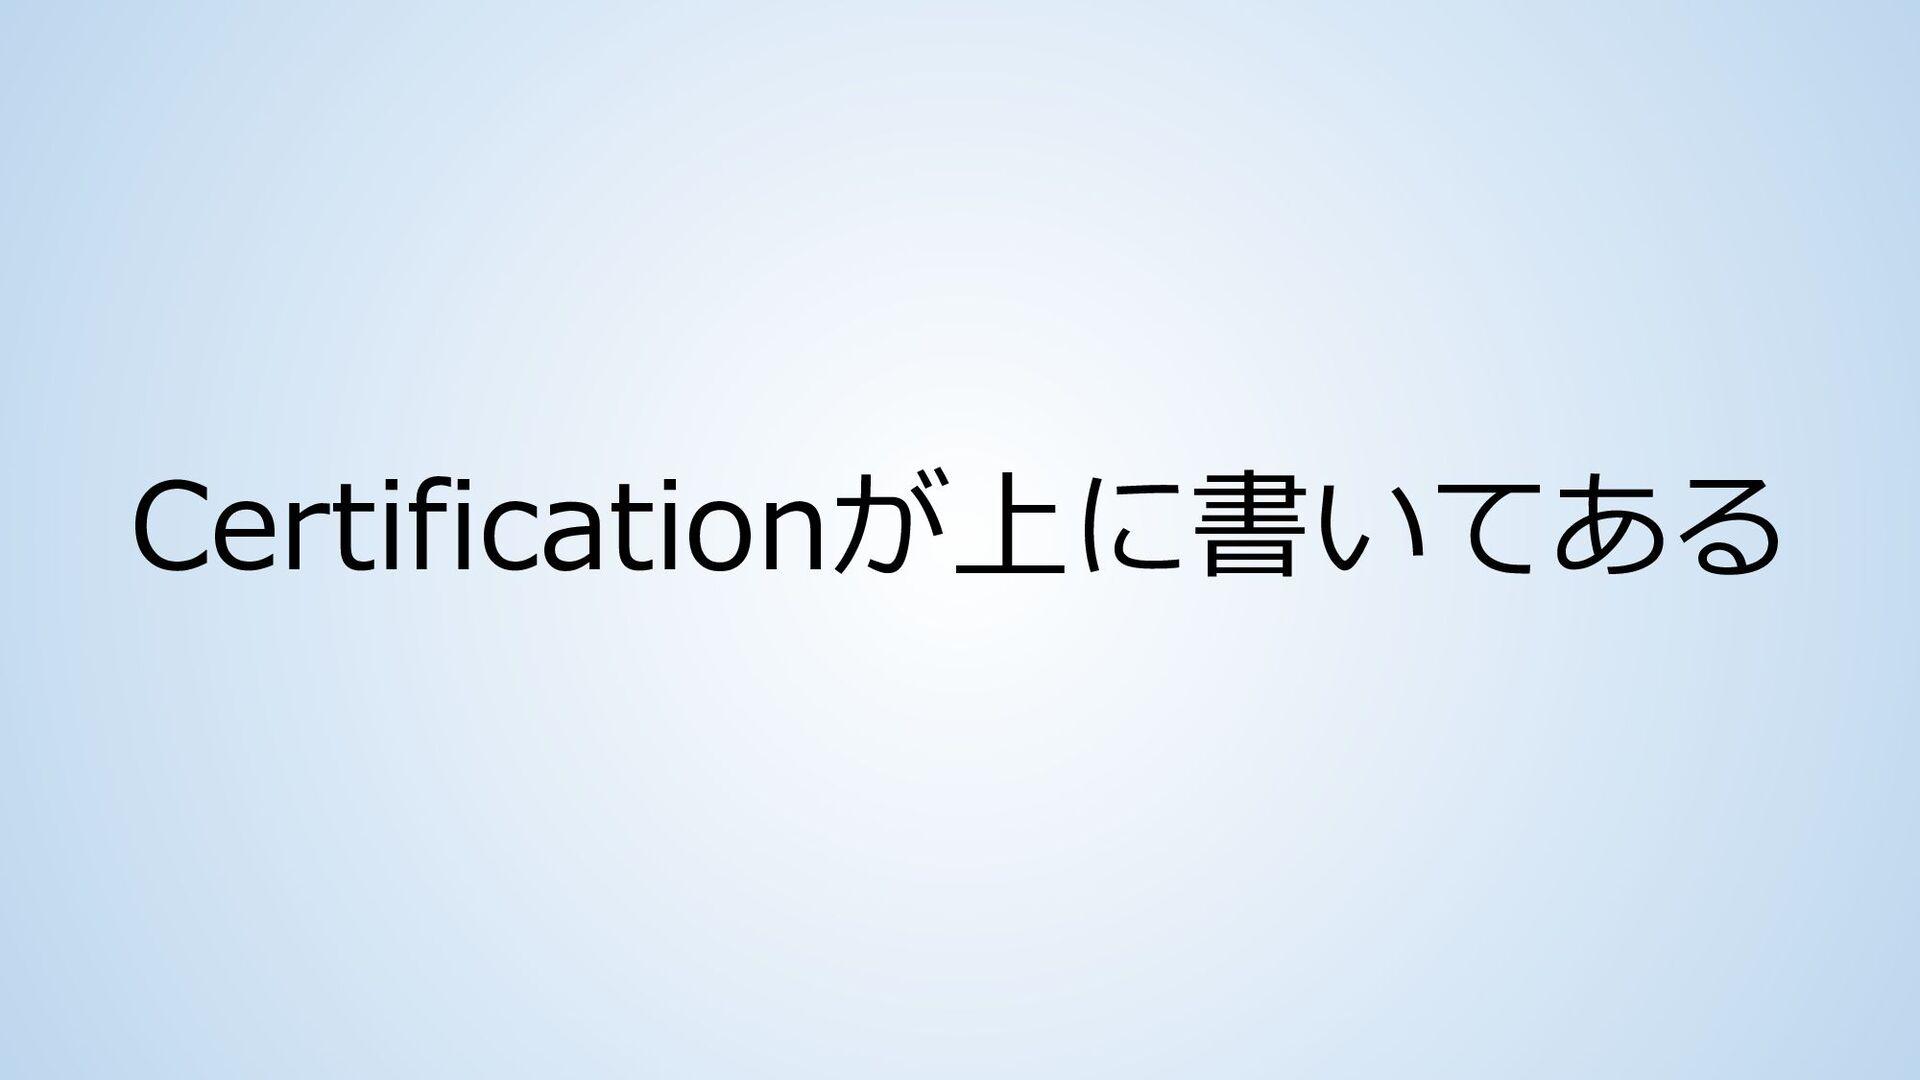 Certificationが上に書いてある